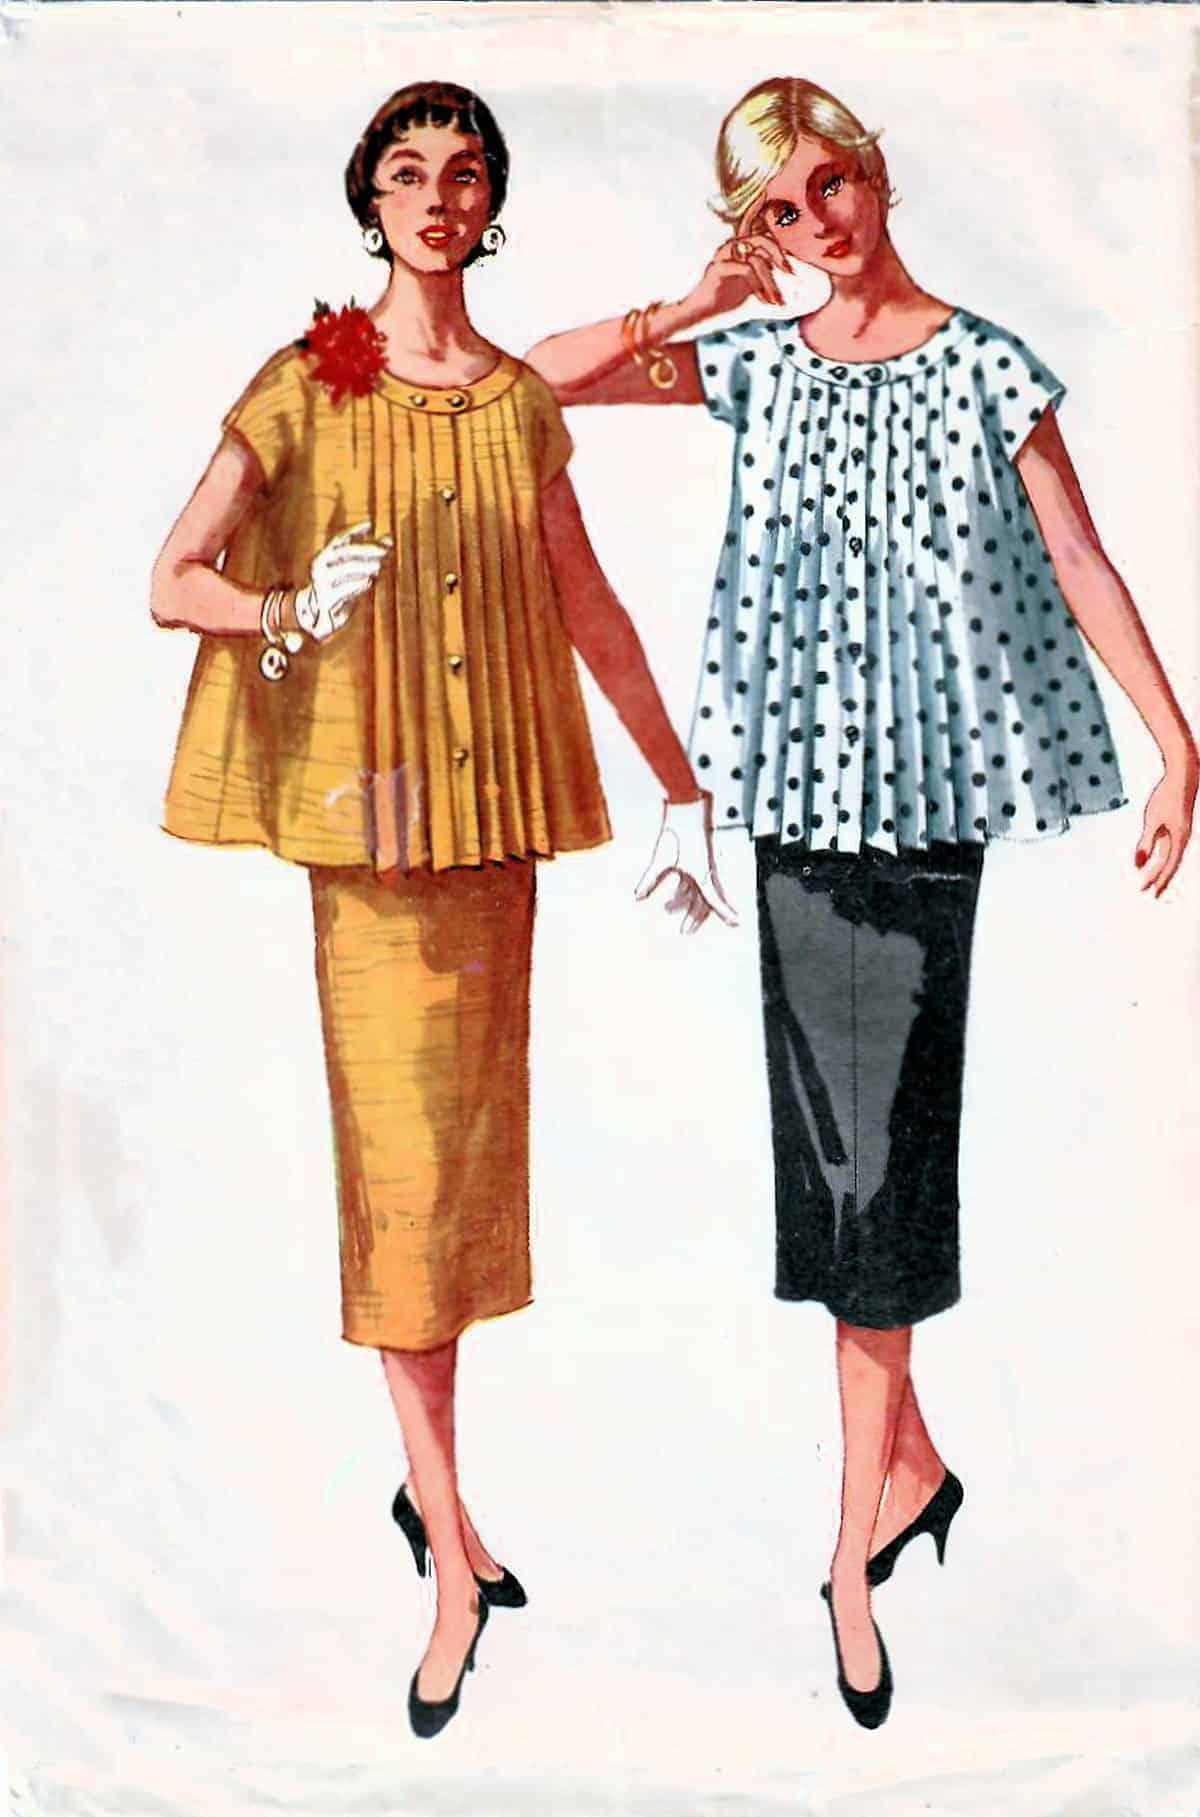 2nd Maternity fashion, 1950s